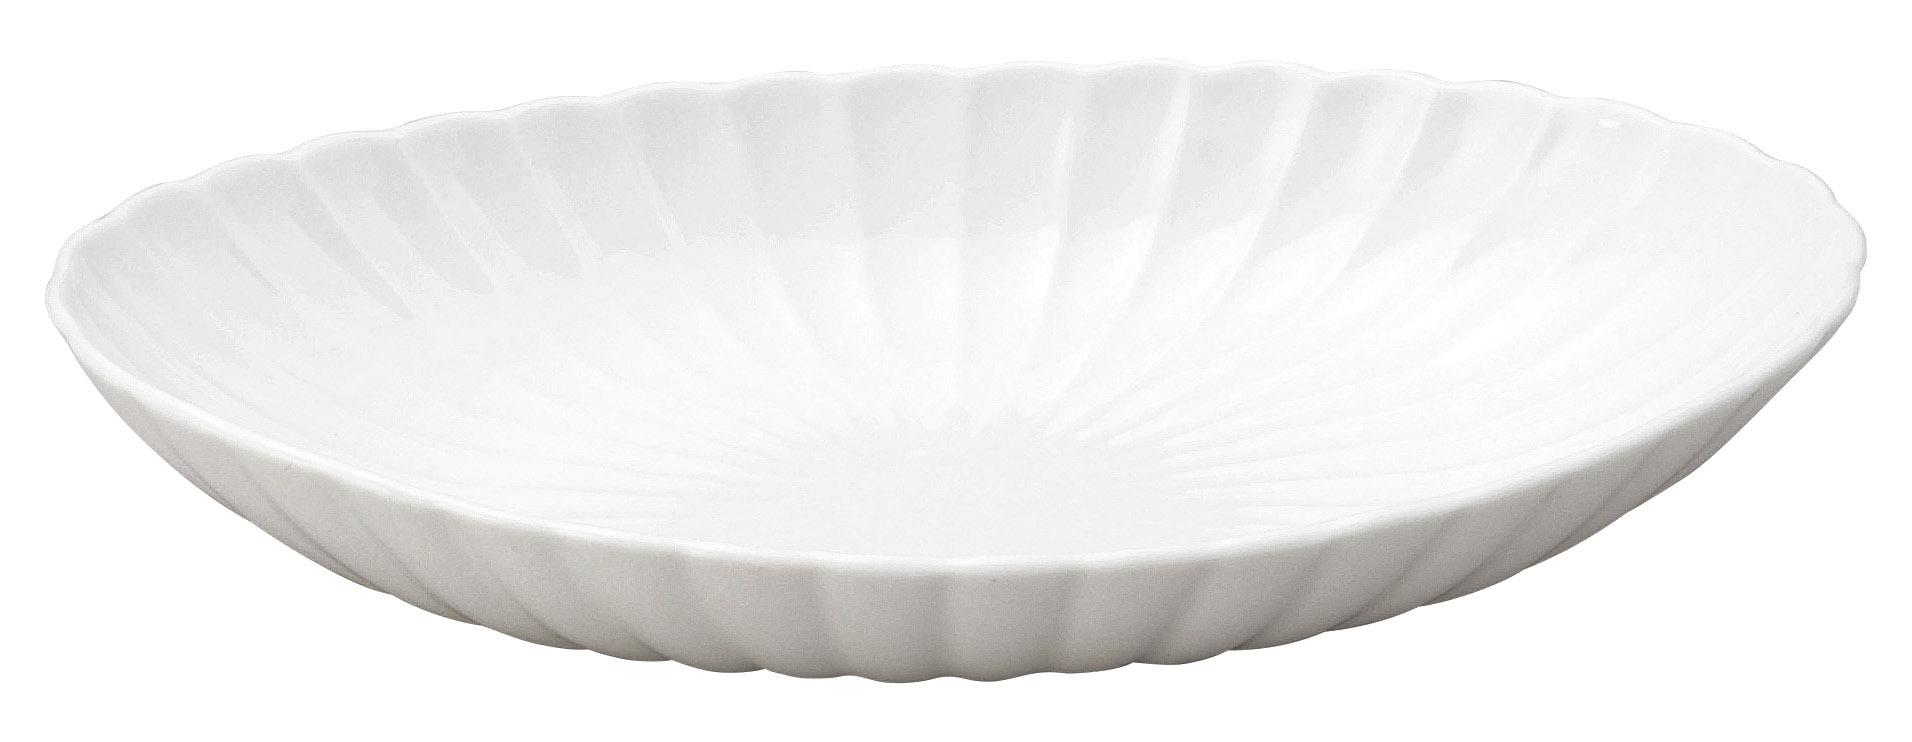 かすみ 白 楕円皿 大